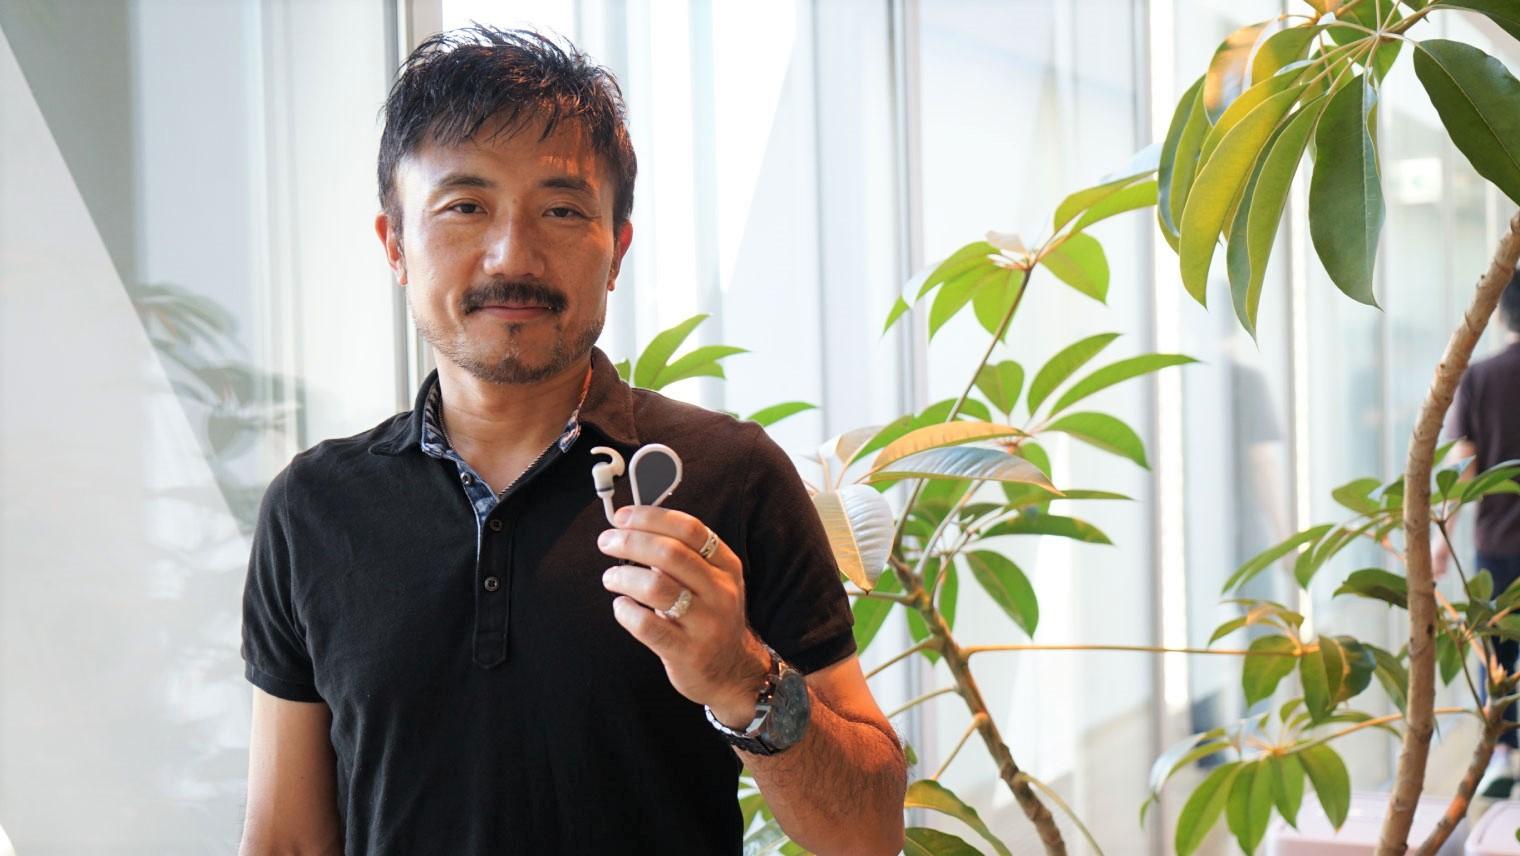 尾原昌輝 ソニー株式会社 Startup Acceleration部 NYSNO Project